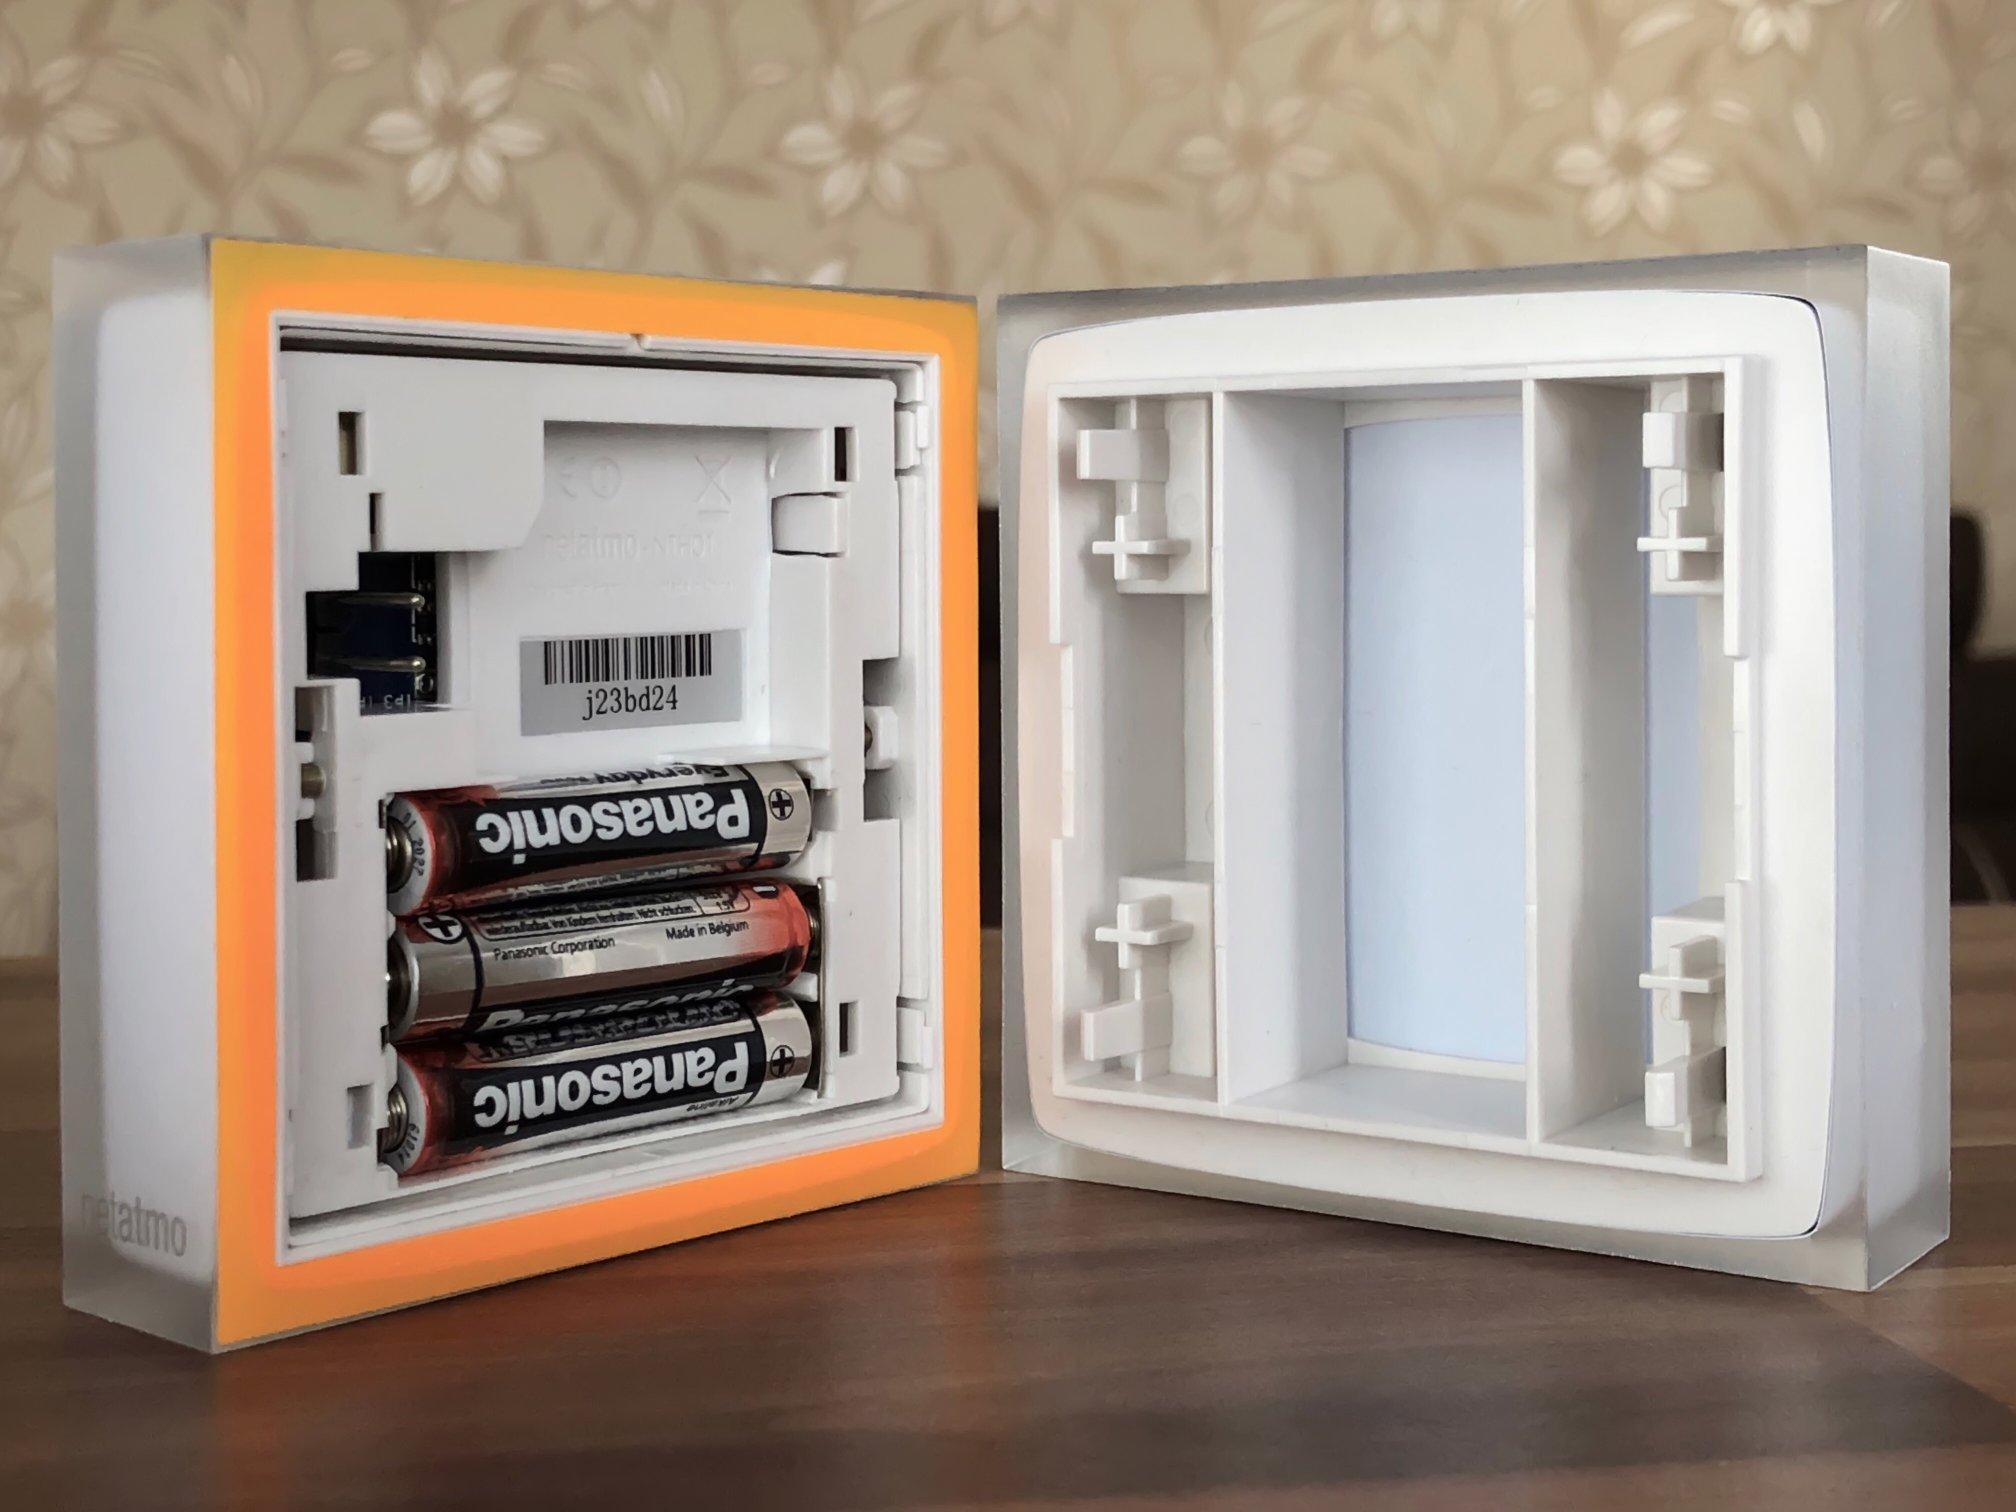 Pohled na zadní stranu termostatu Netatmo Energy s mobilním stojánkem